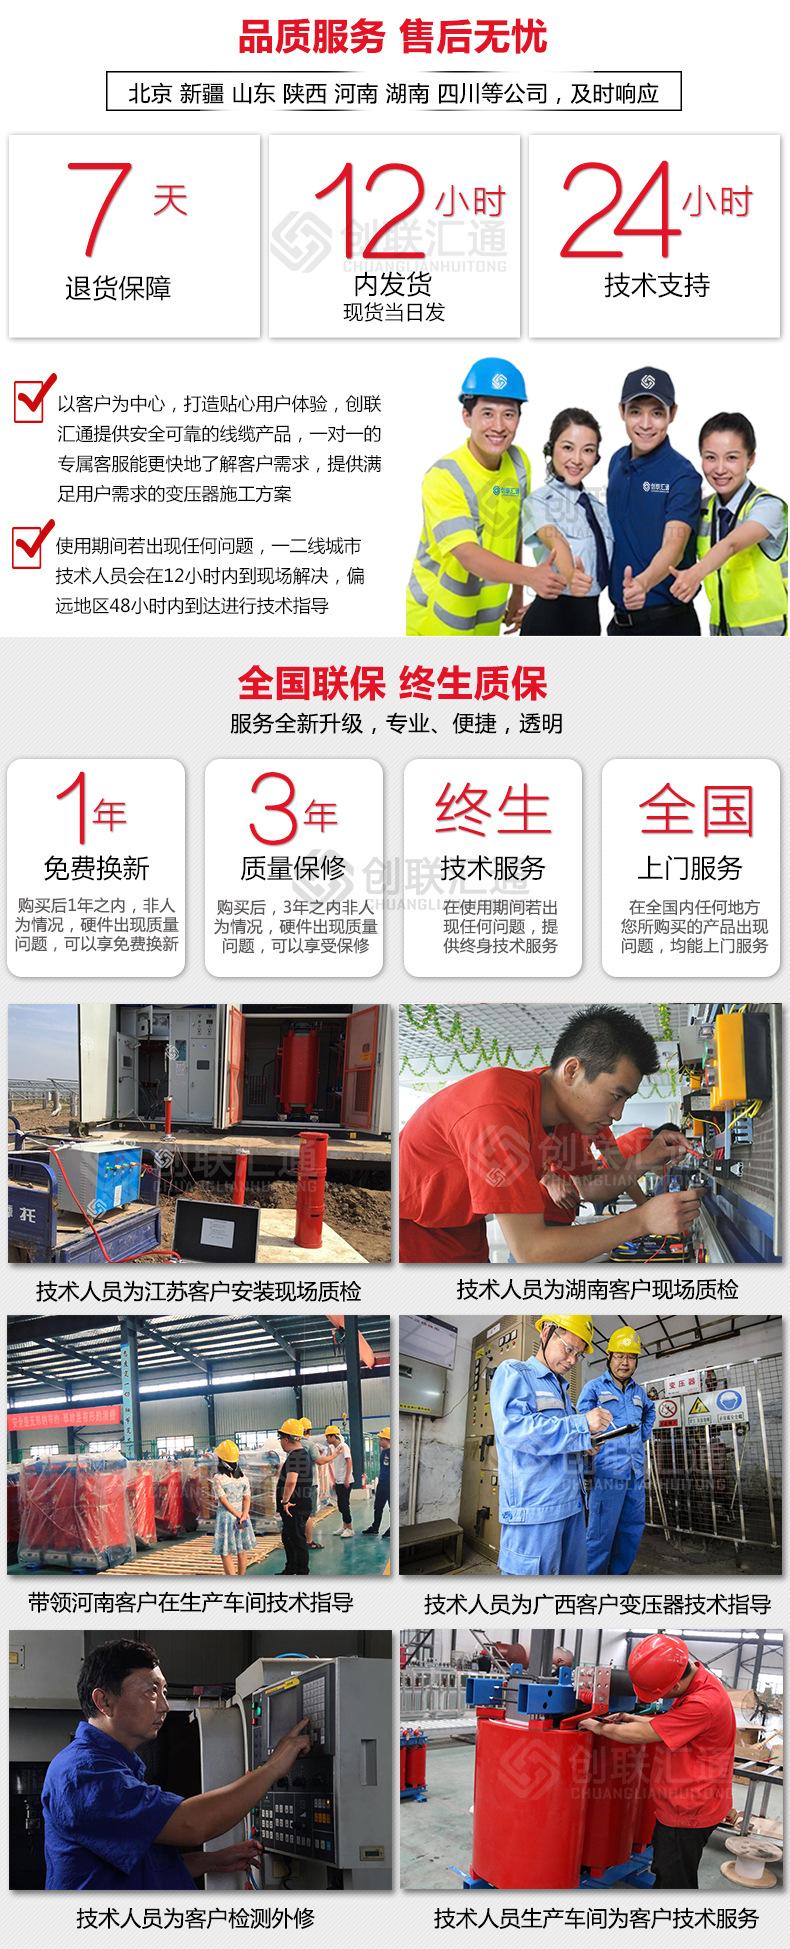 干式变压器 SCB13-200KVA-10/0.4  三相干式变压器scb13-200 节能环保型-创联汇通示例图18